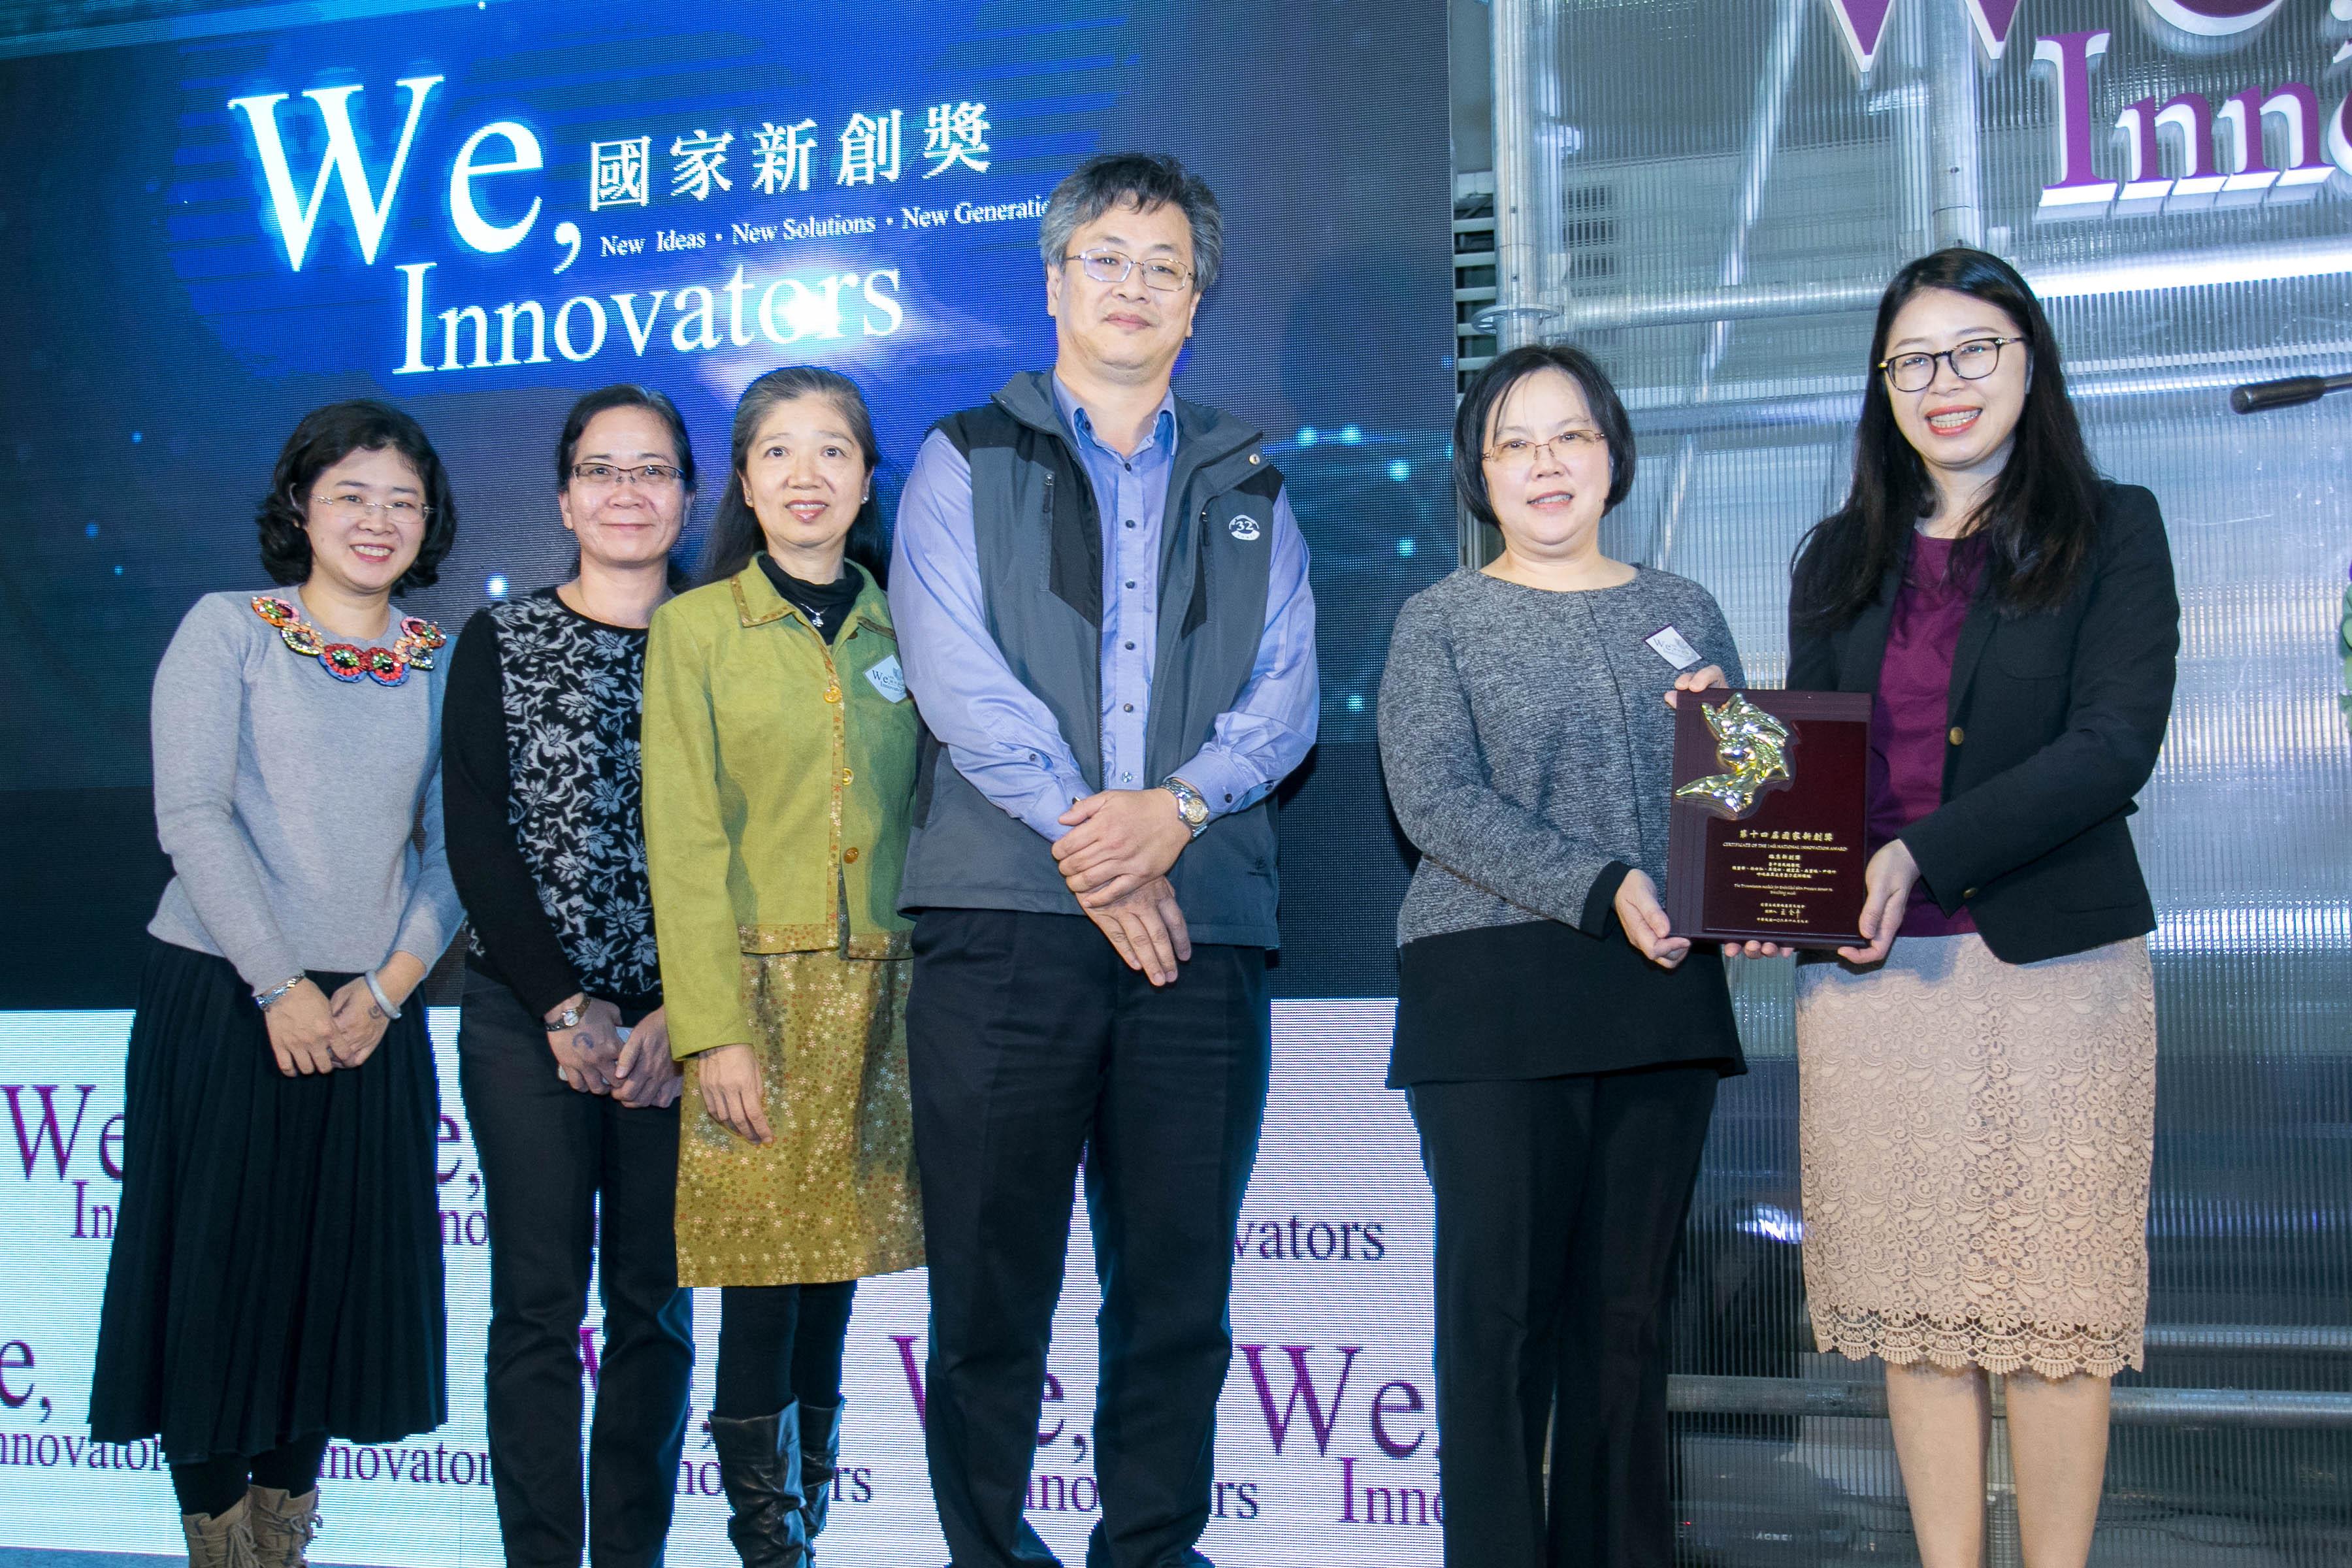 臨床新創 臨床應用創新組獲獎